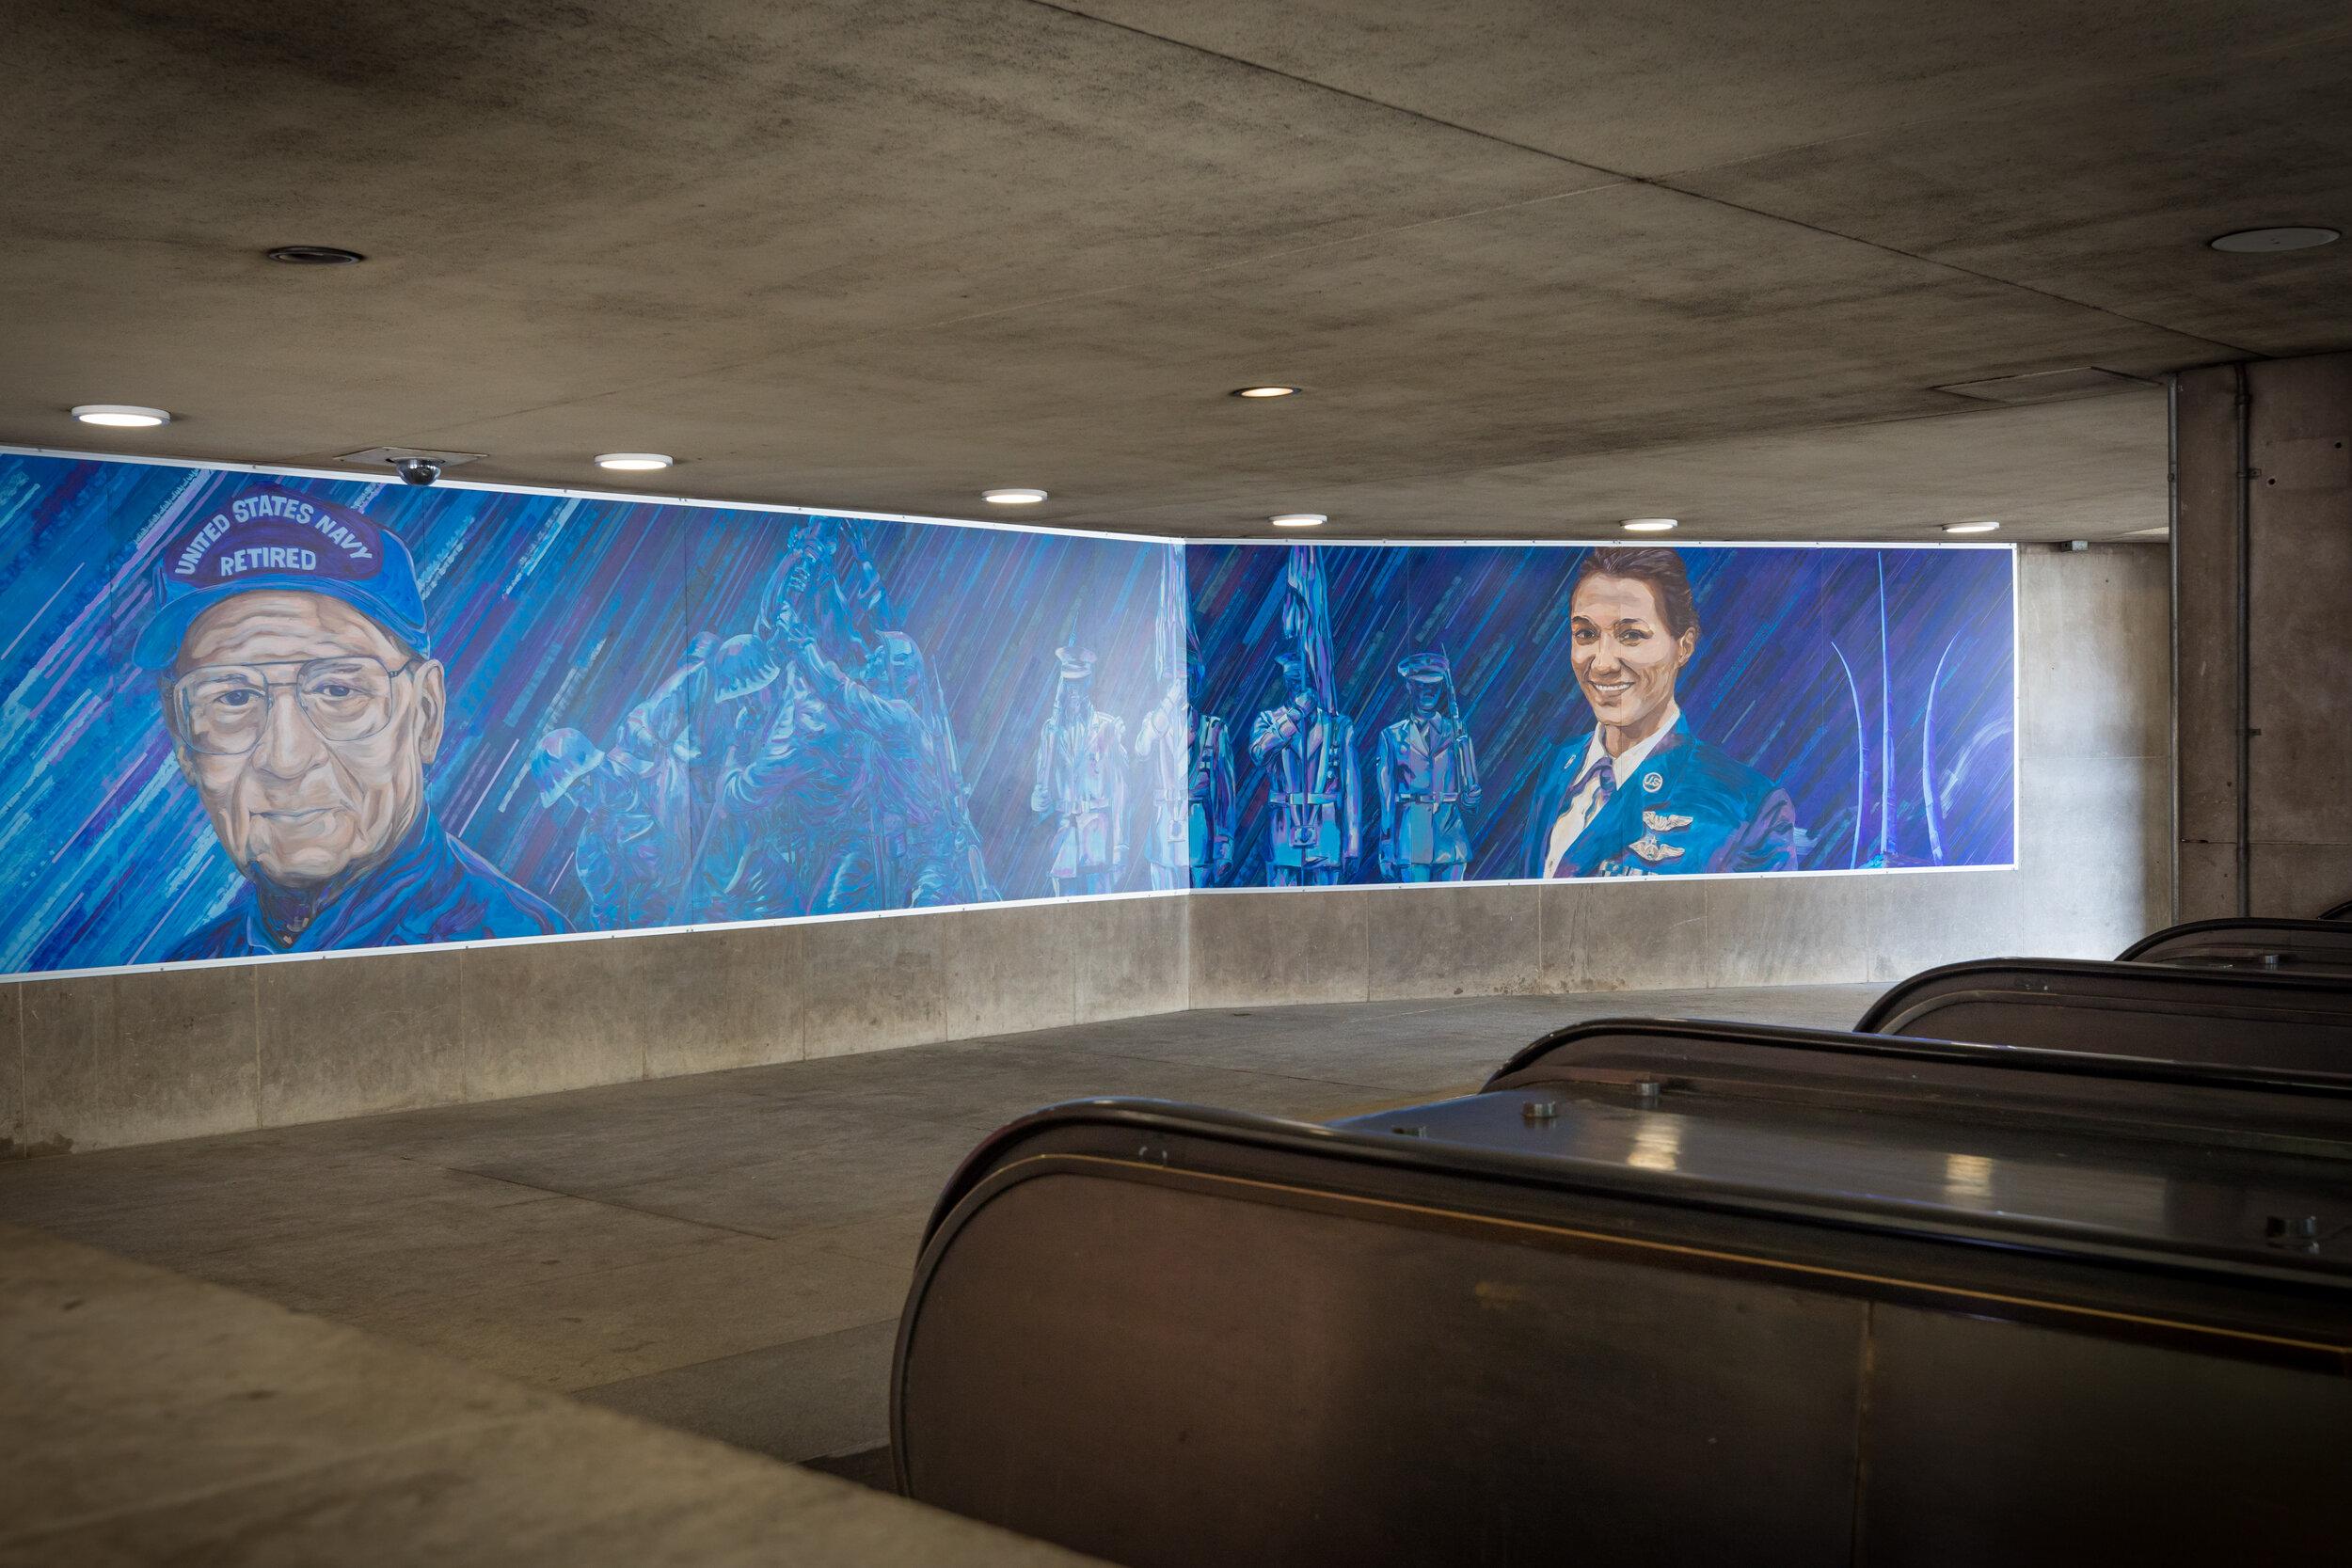 2019-05-DowntownDCBID-MuralUnveiling-Storybox-KF-158.jpg